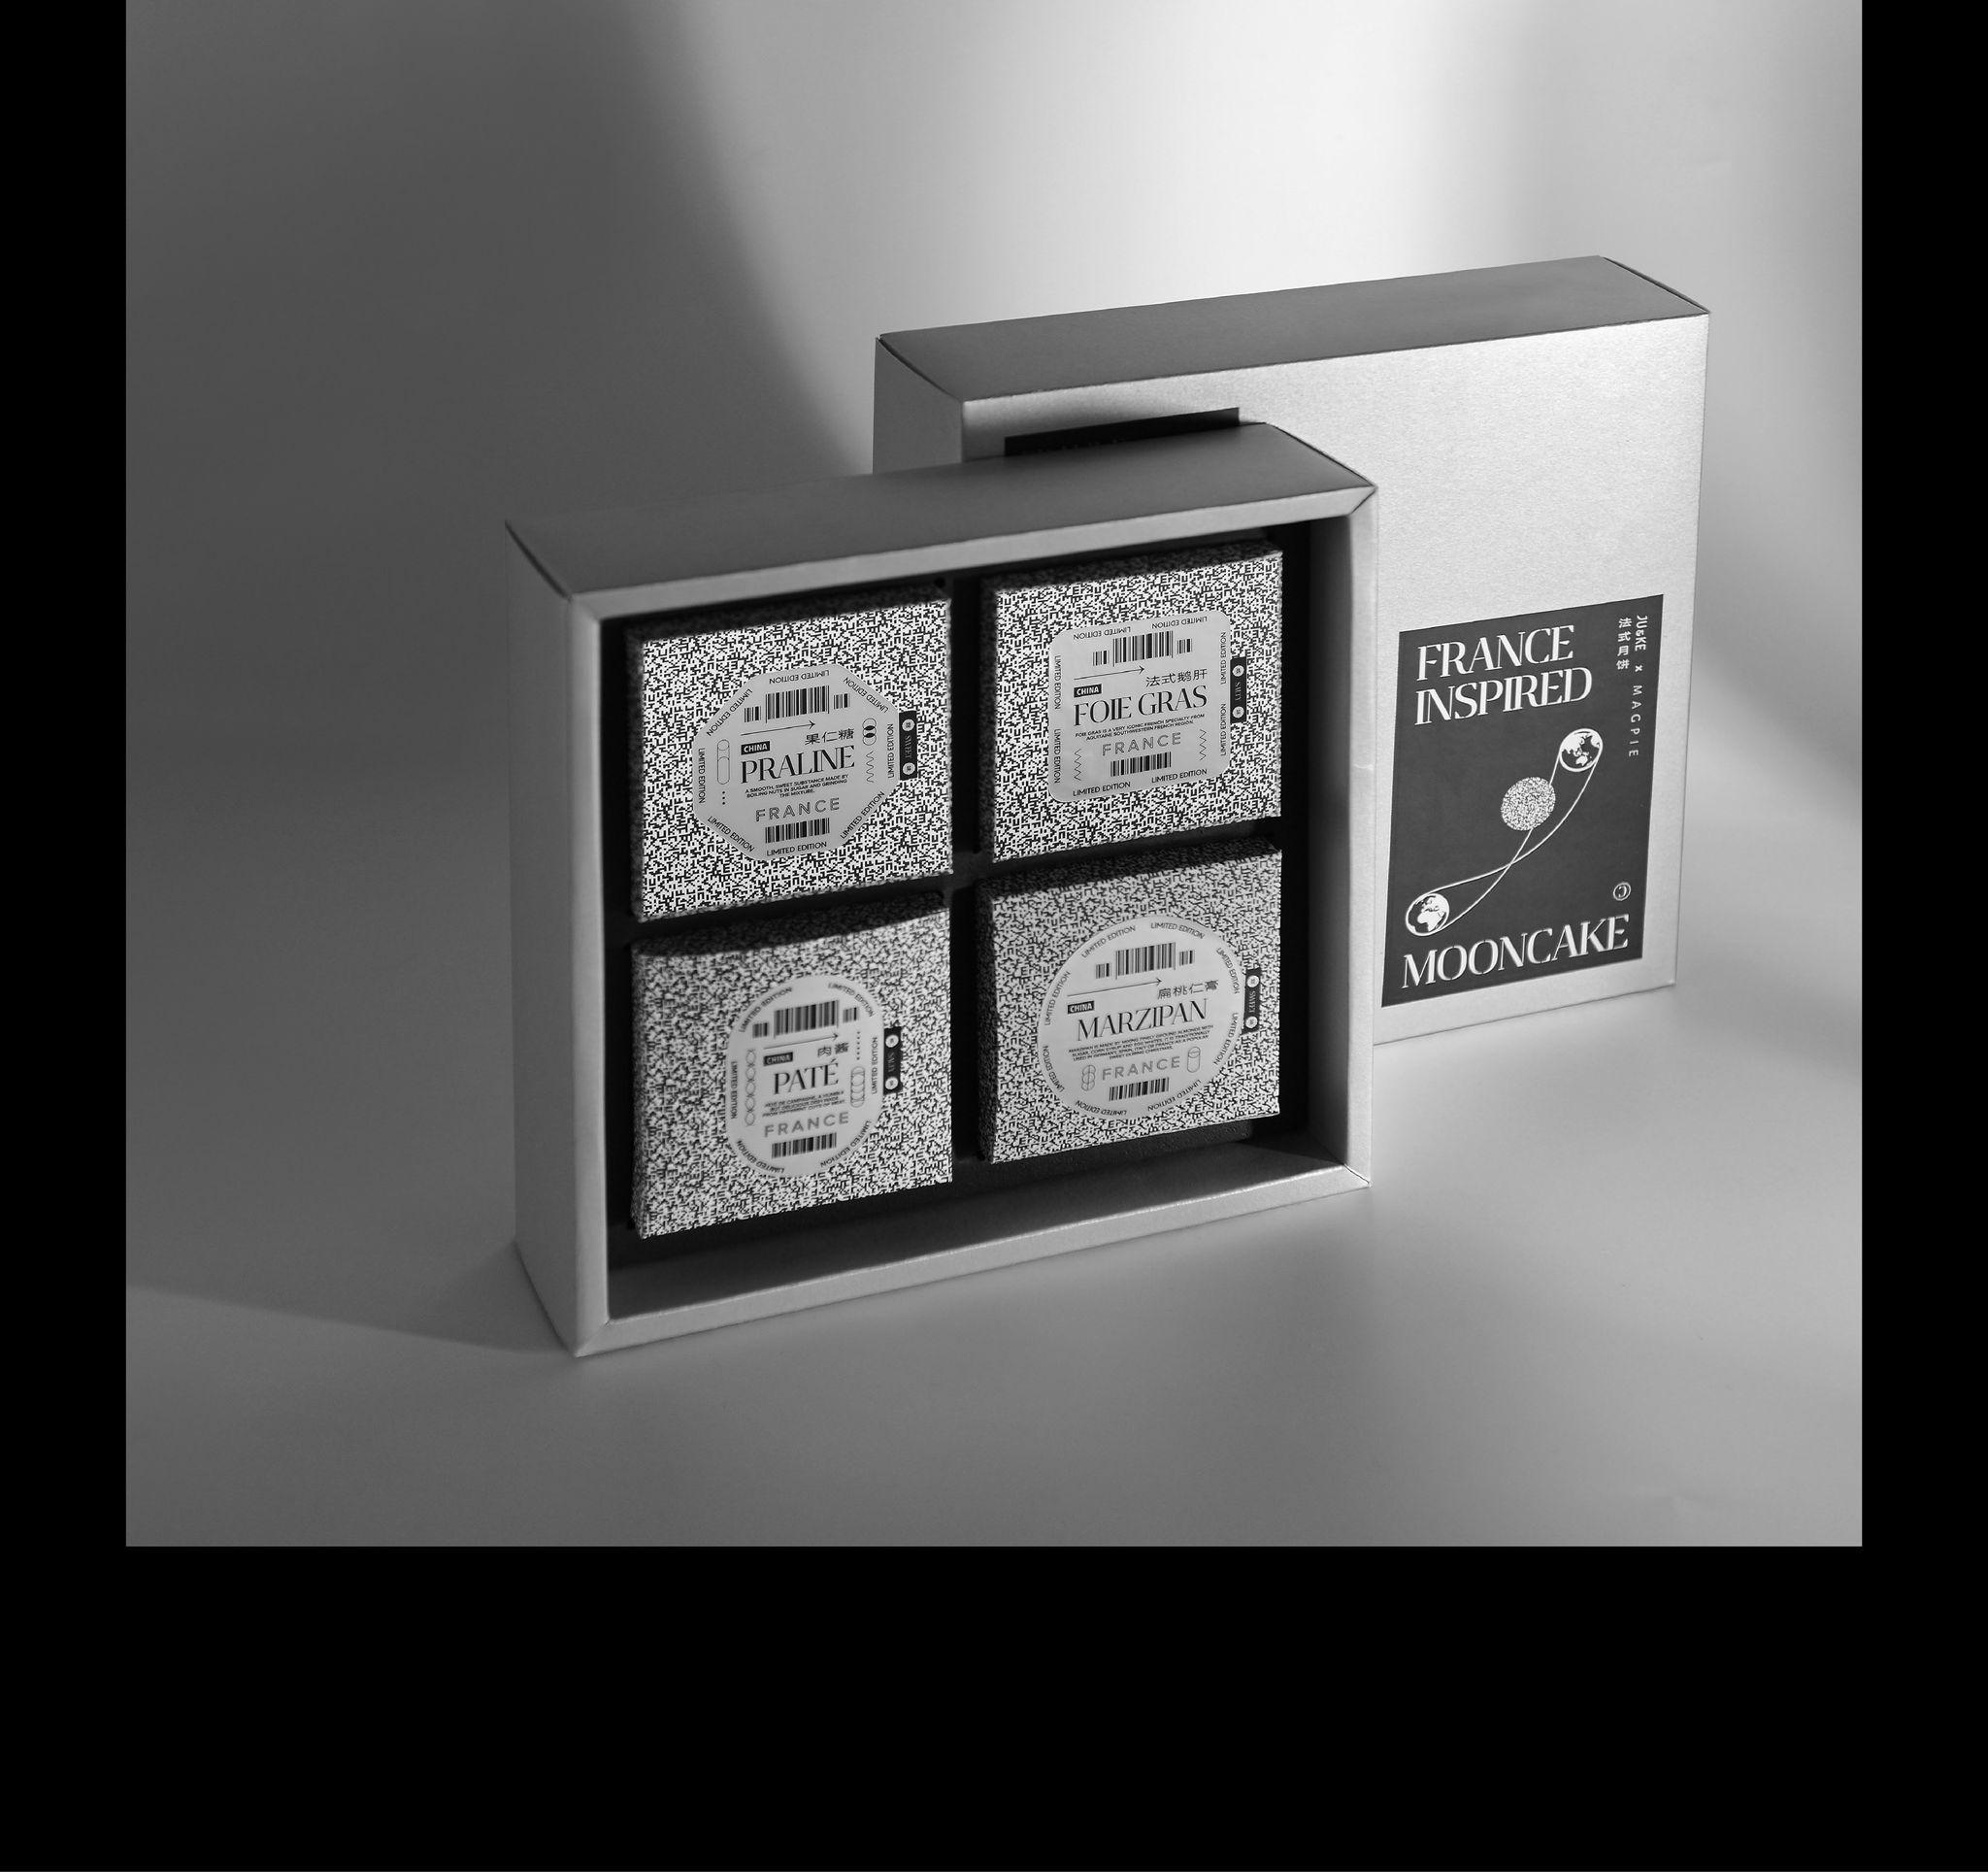 法国启发月饼包装设计